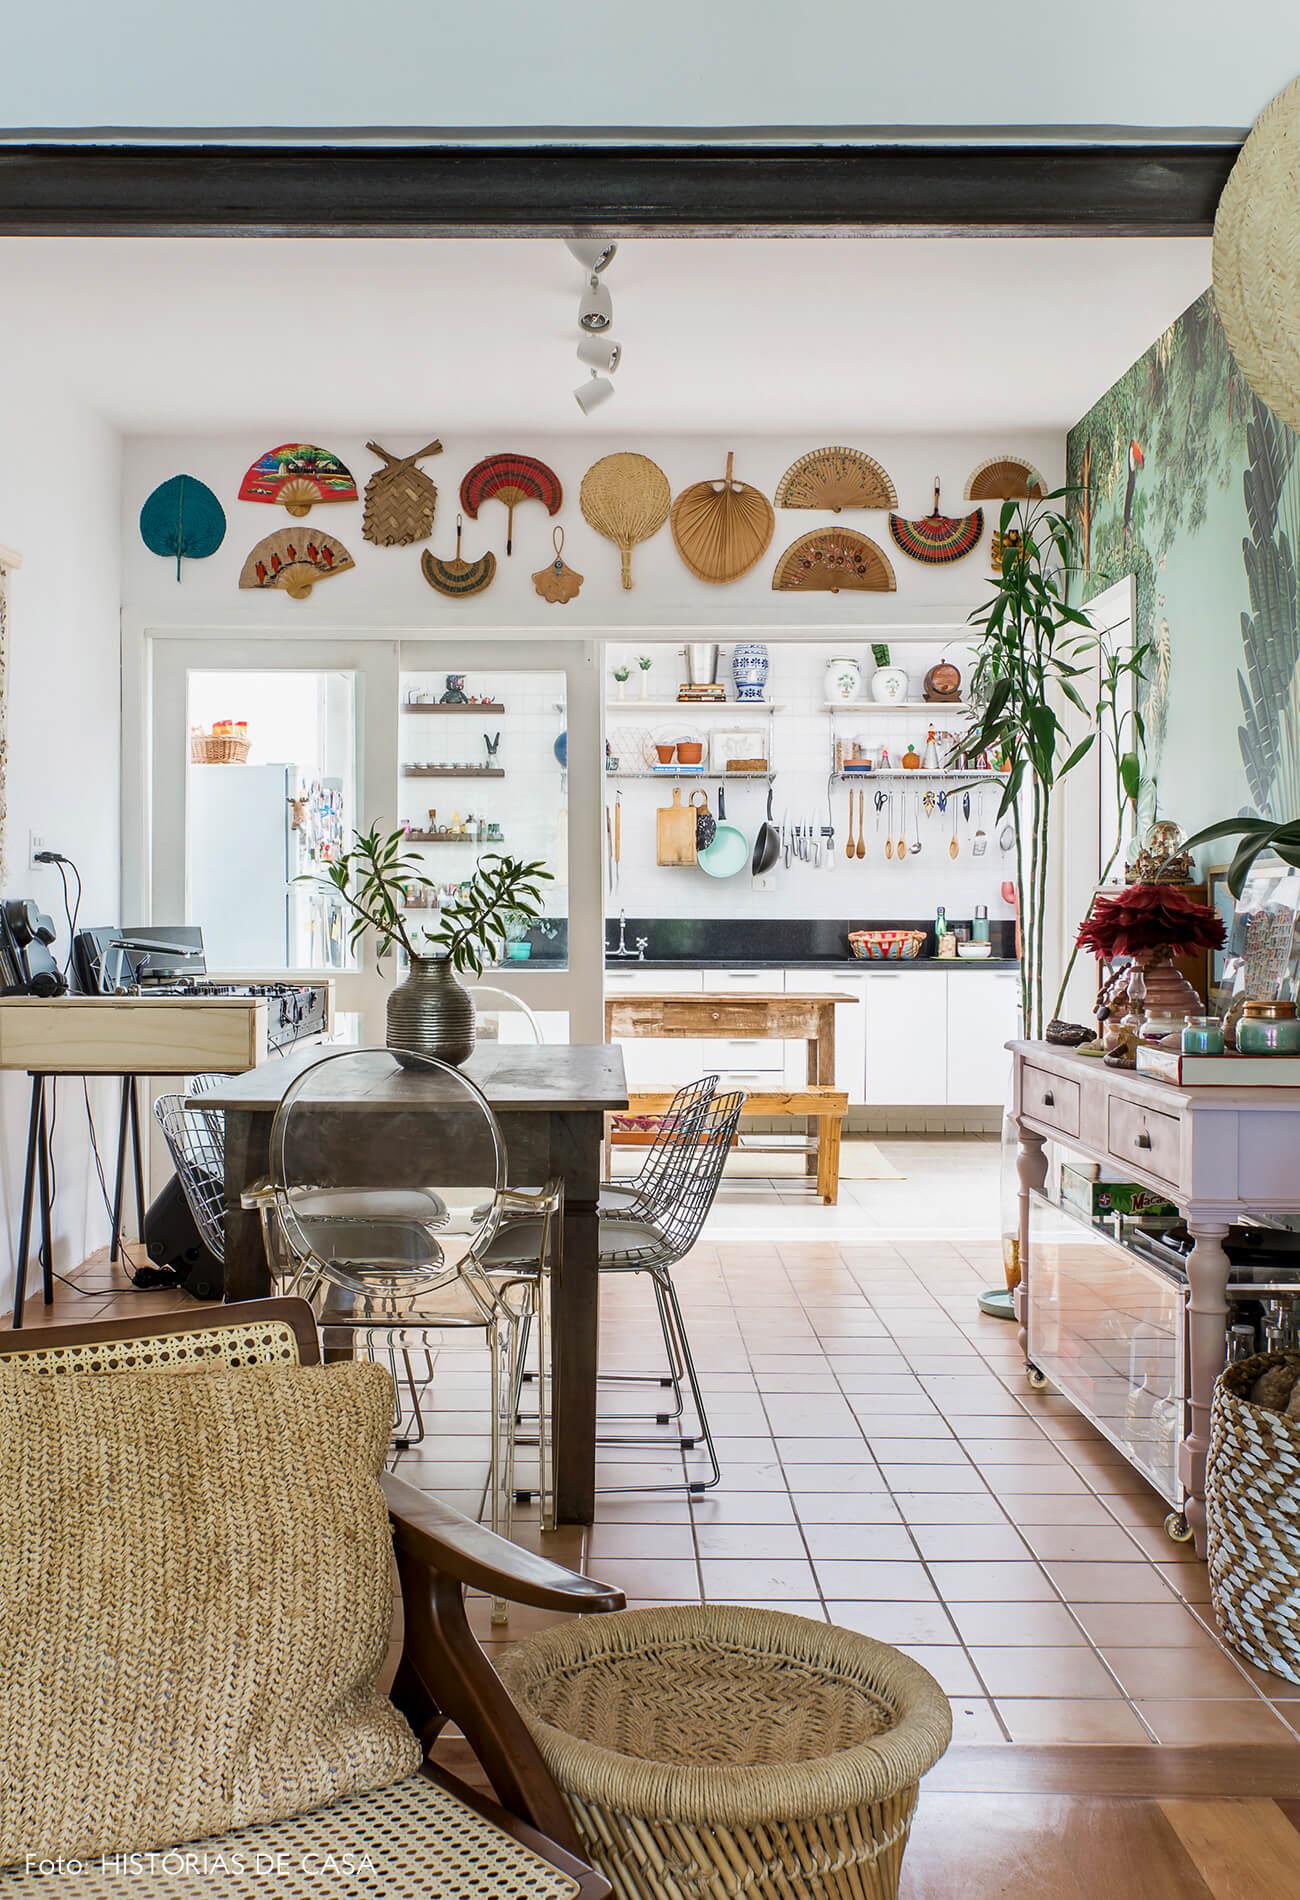 Casa com cozinha integrada à sala por portas de correr de vidro